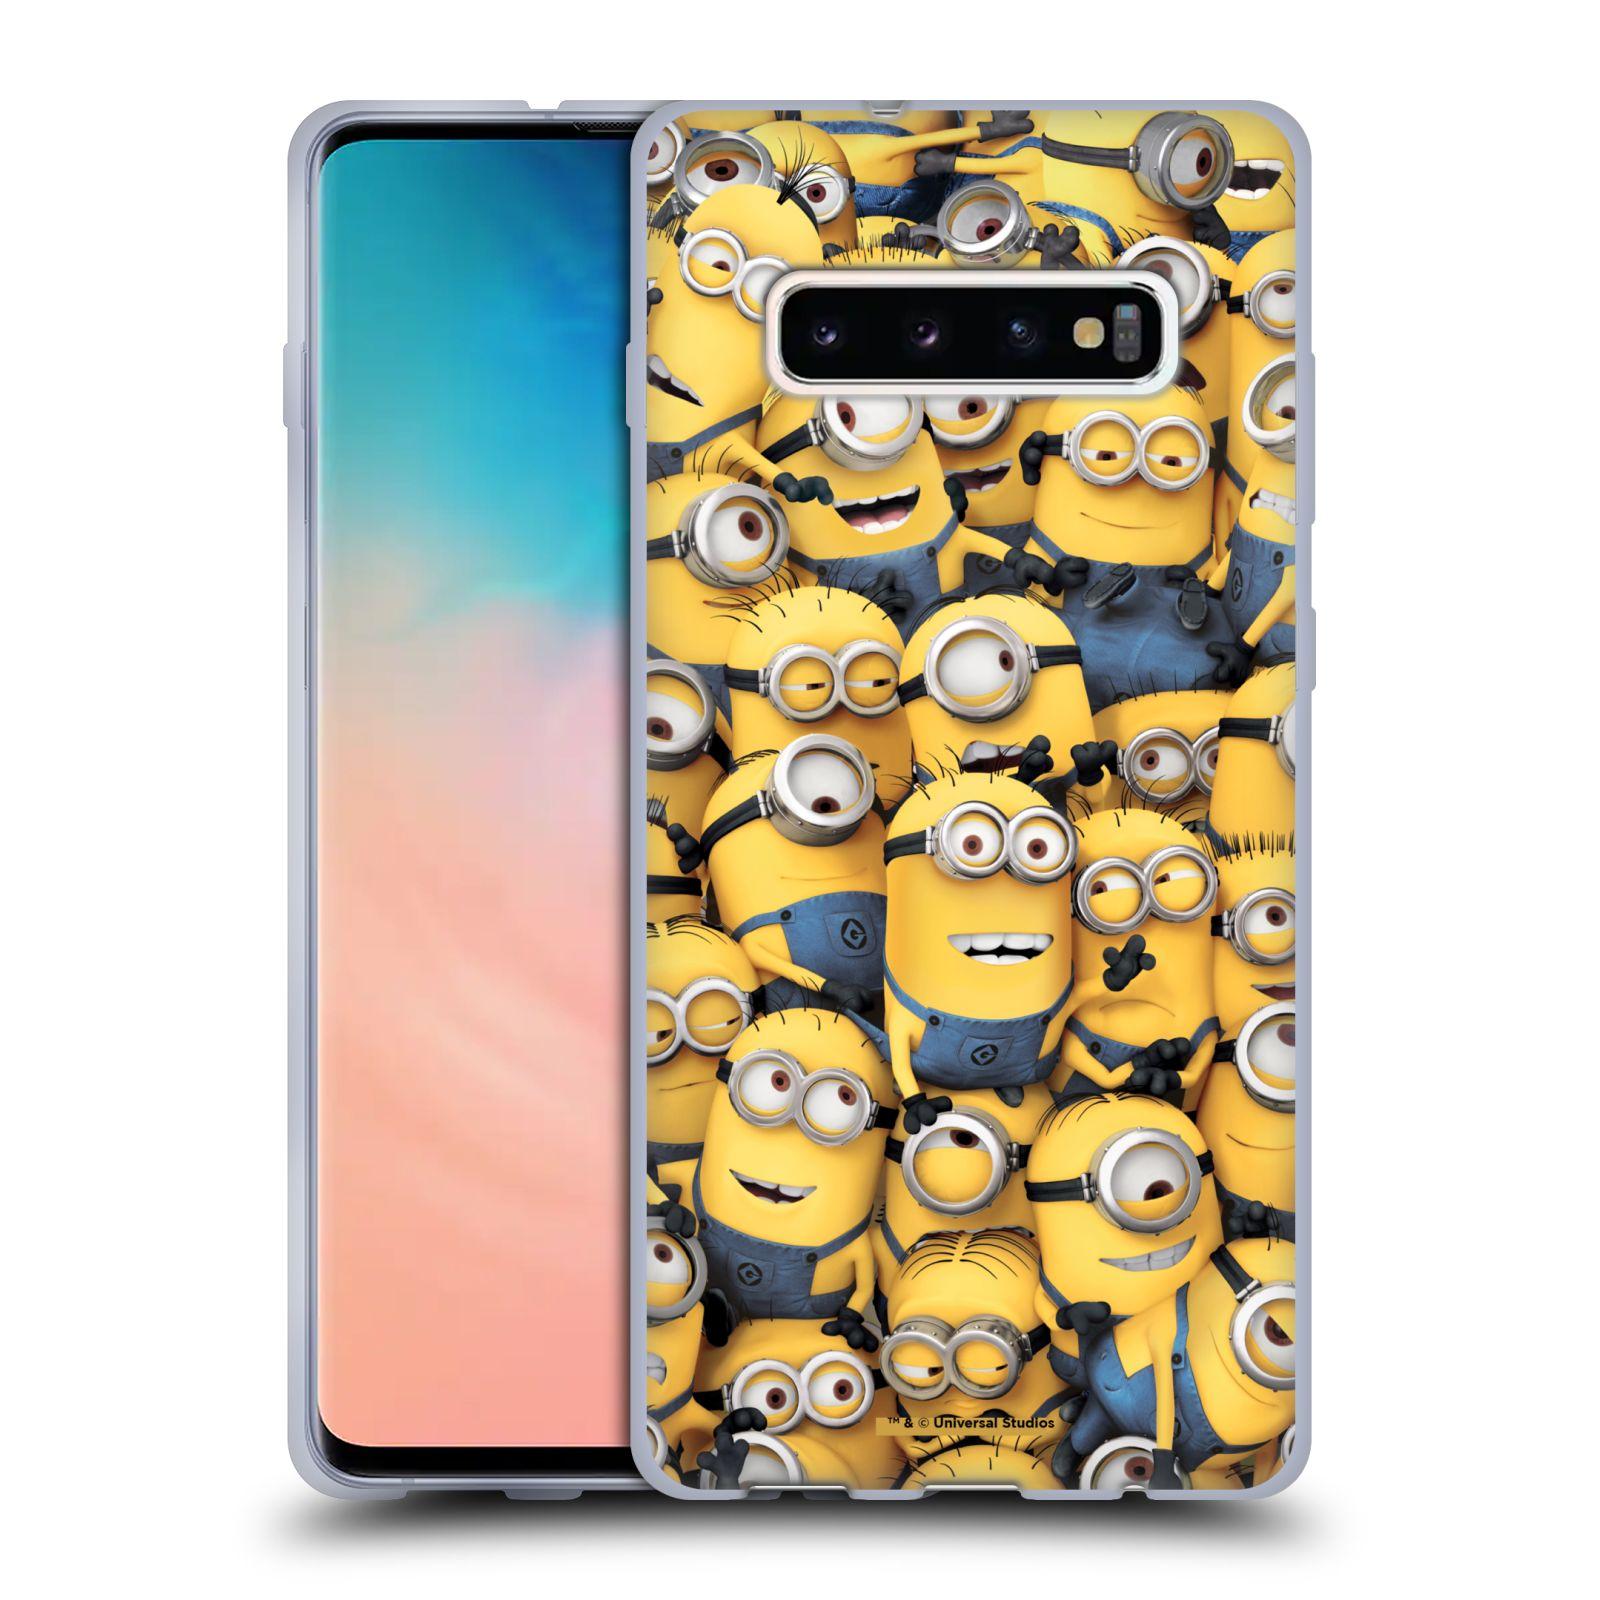 Silikonové pouzdro na mobil Samsung Galaxy S10 Plus - Head Case - Mimoni všude z filmu Já, padouch - Despicable Me